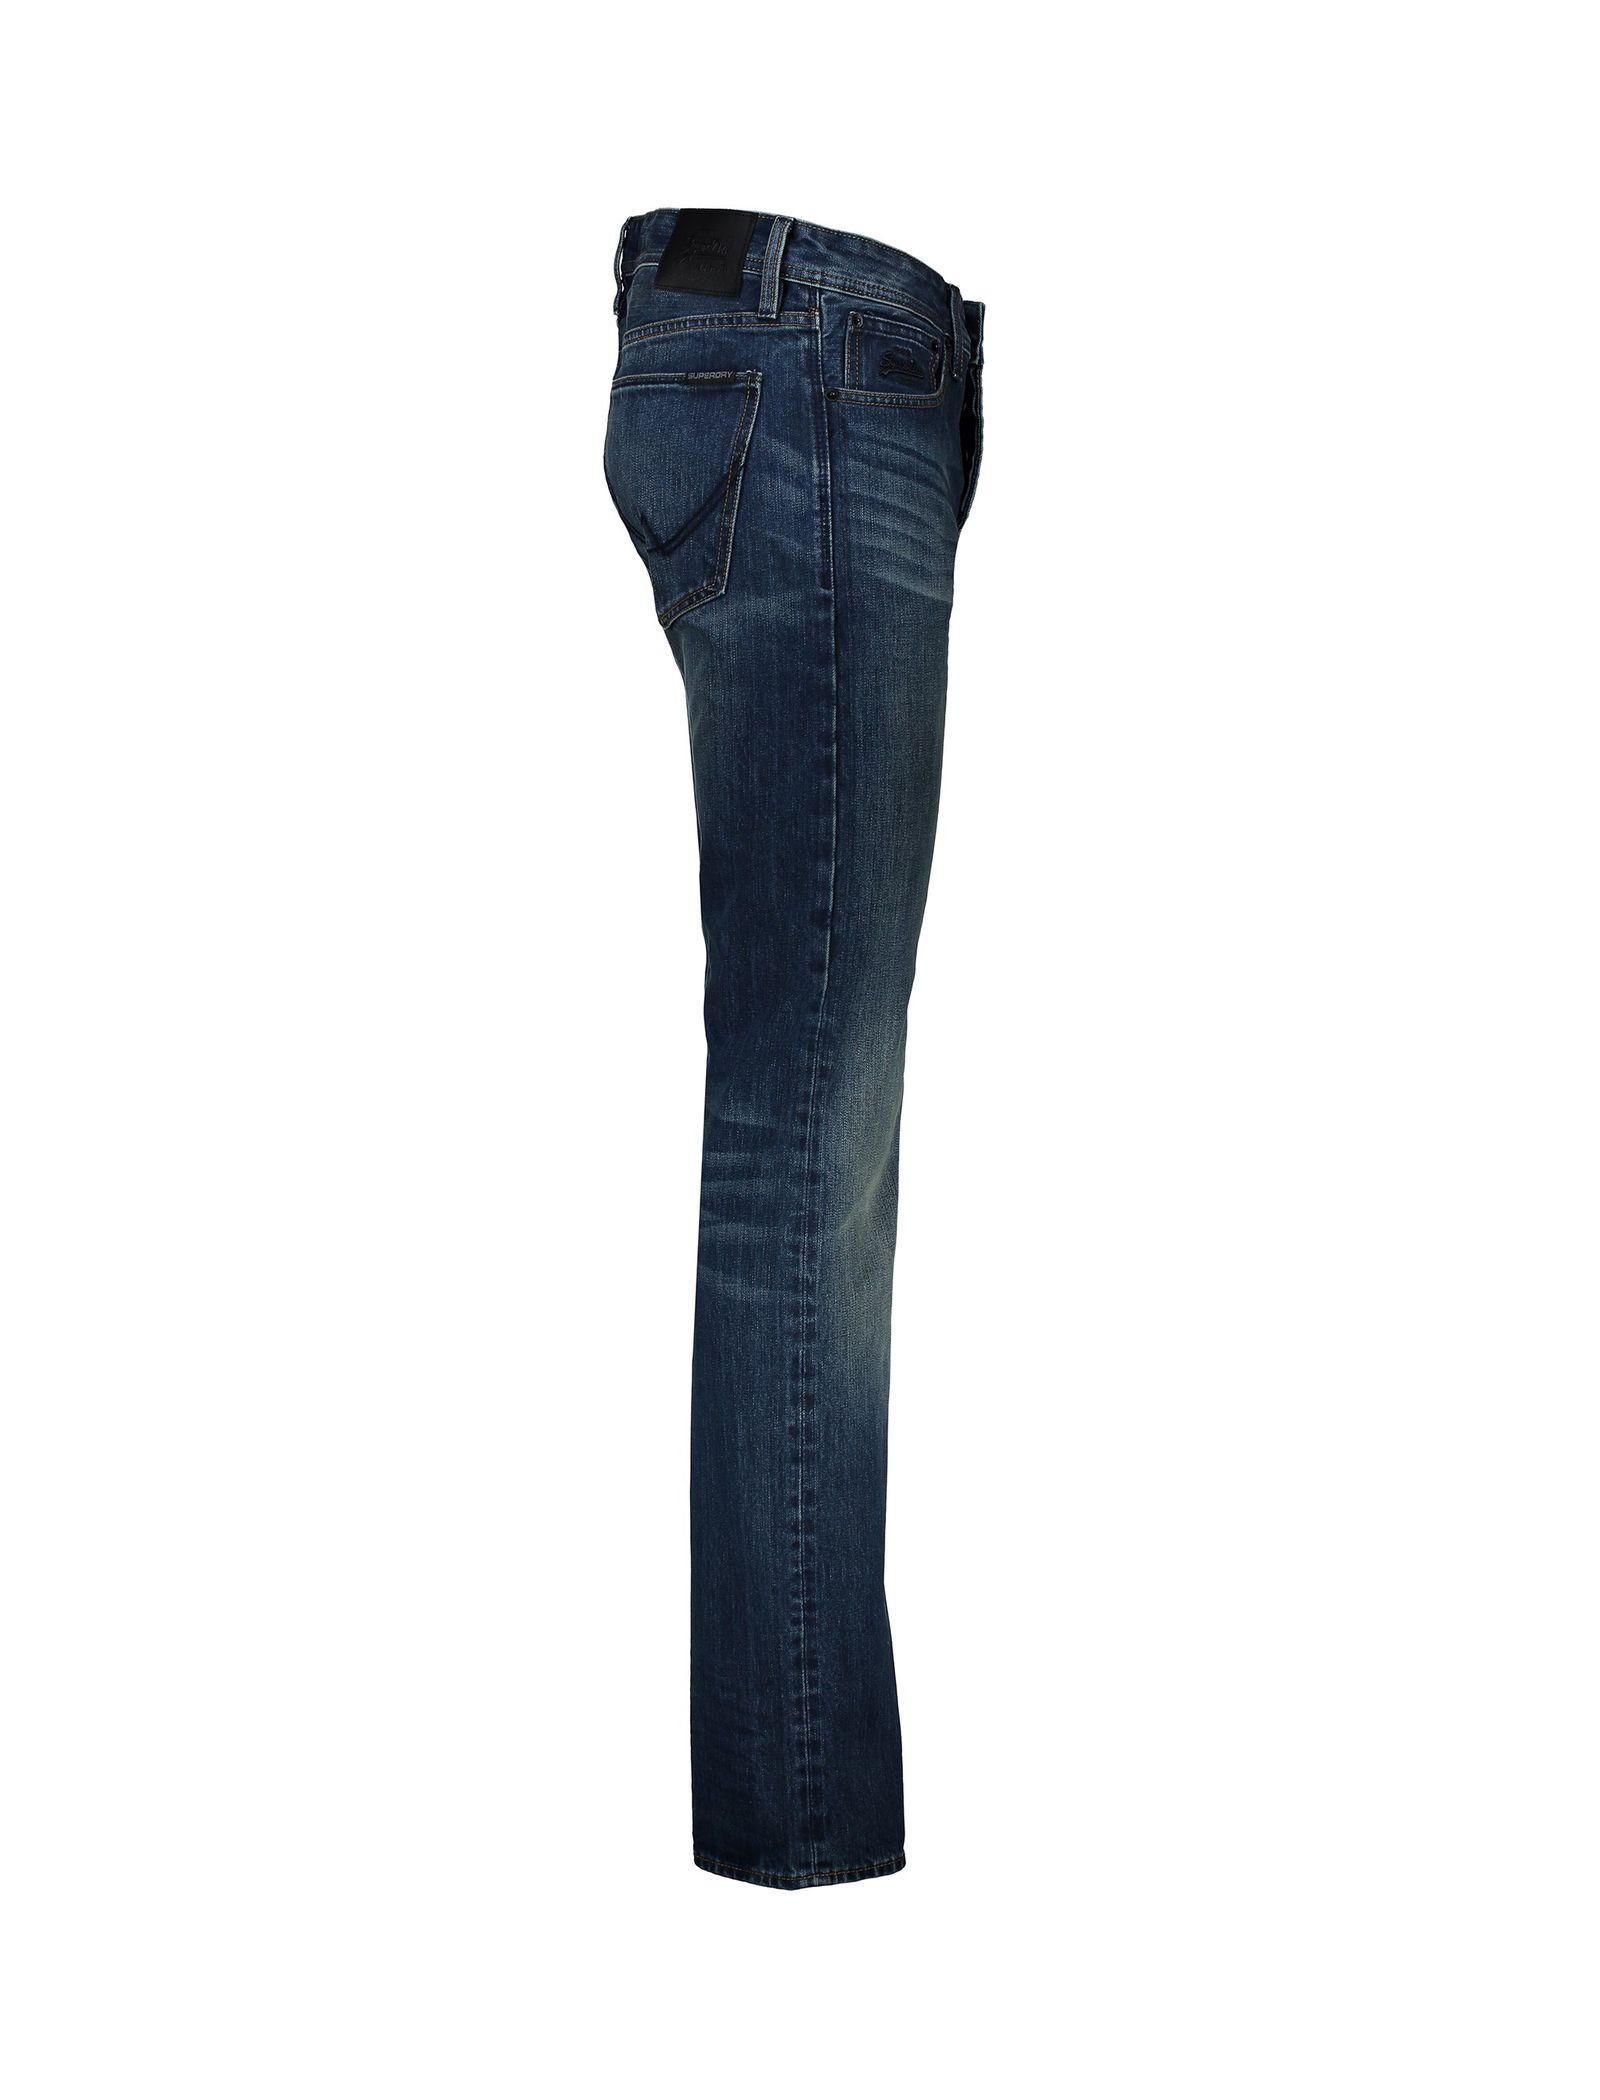 شلوار جین راسته مردانه - سوپردرای - آبي - 3